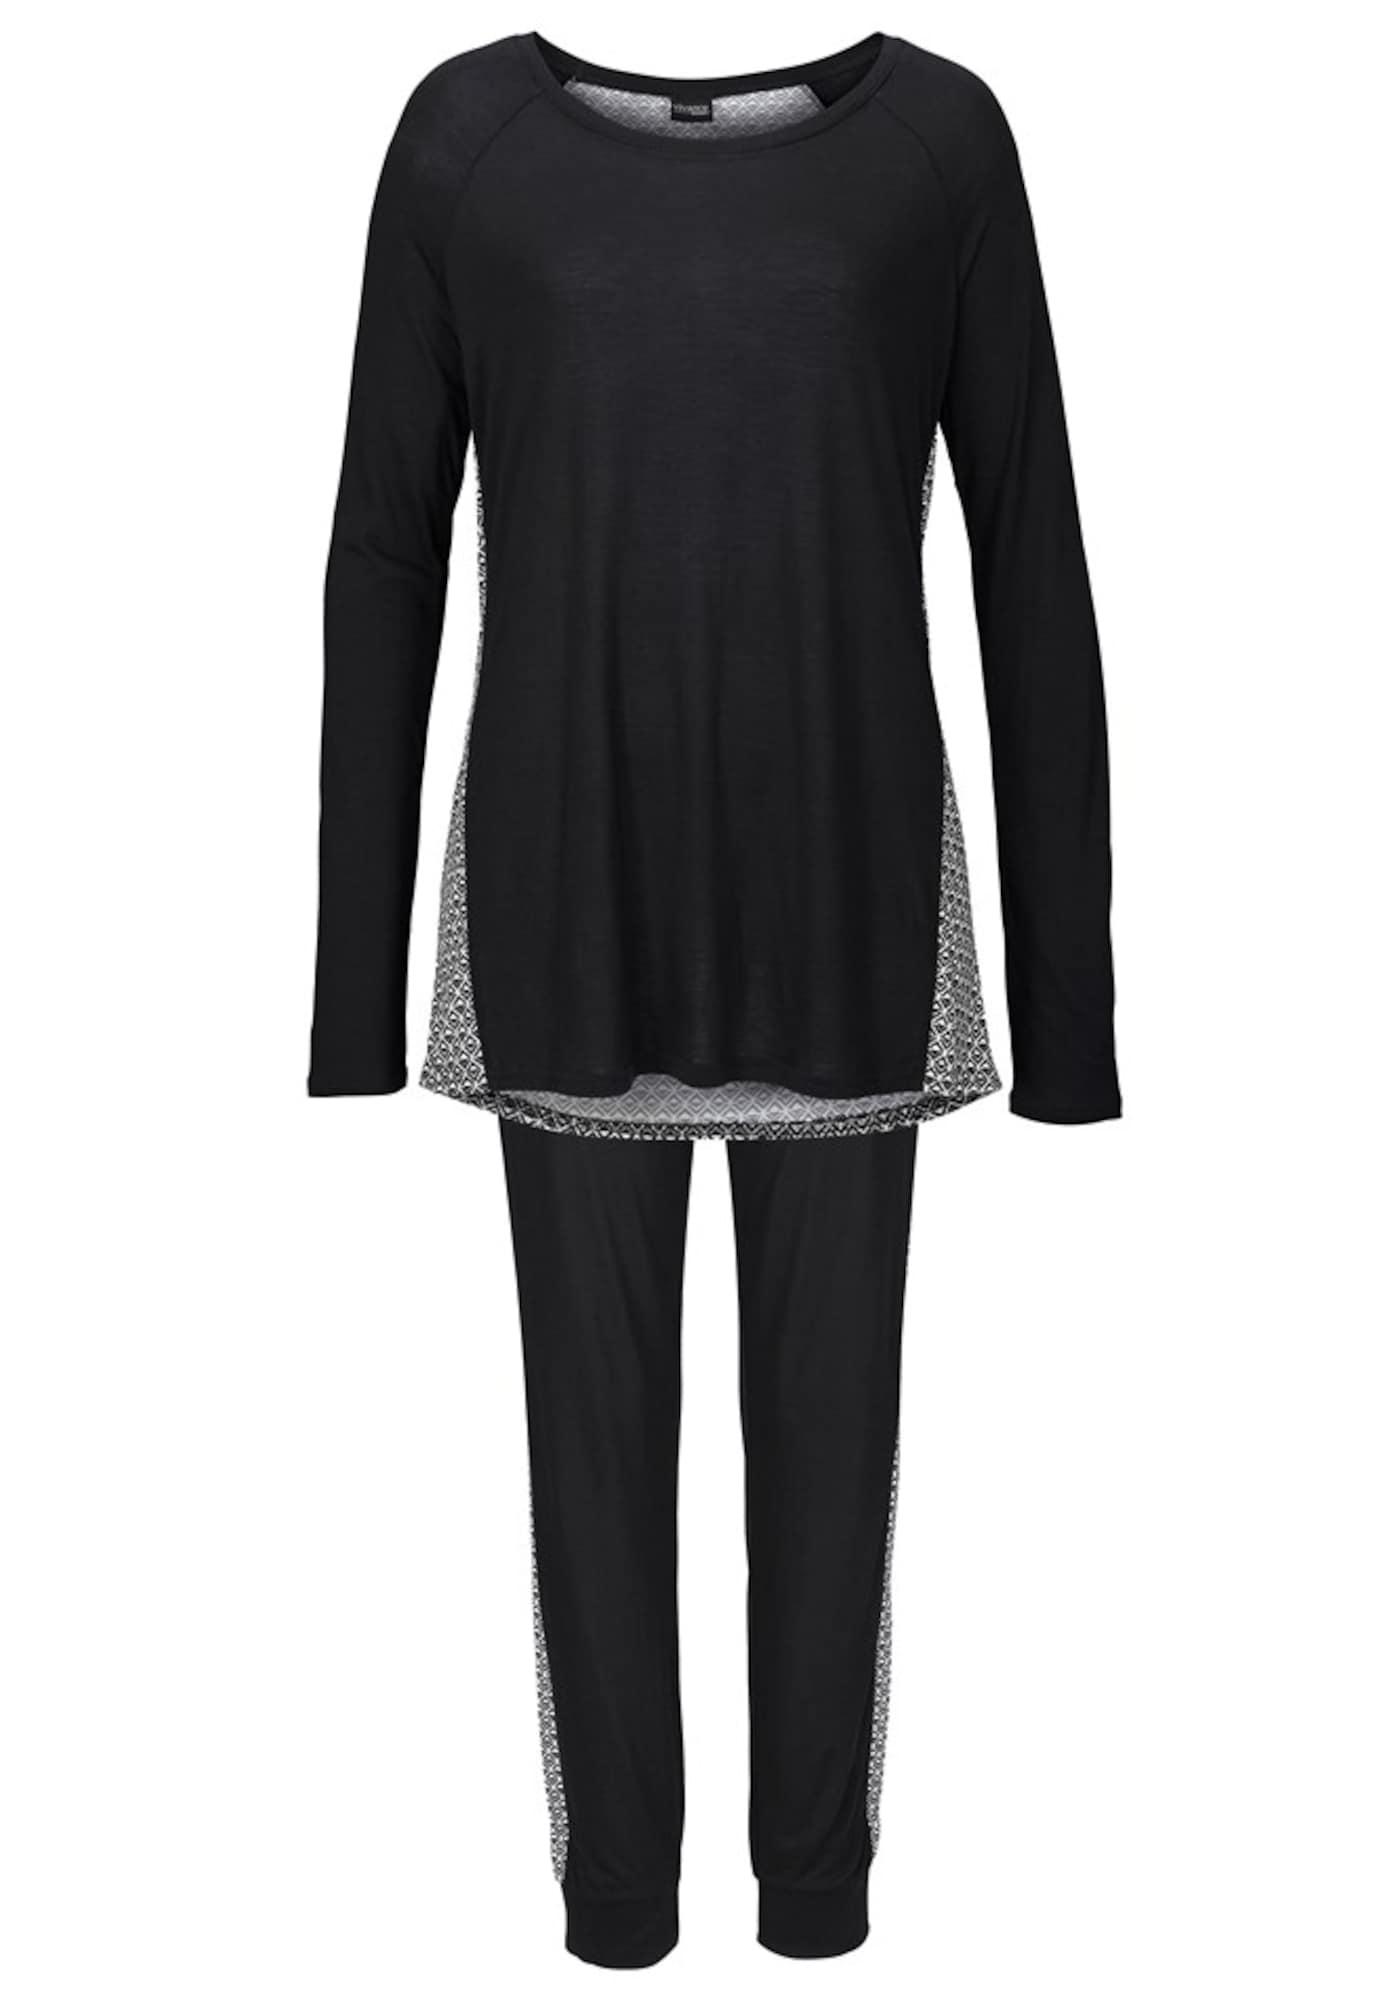 Pyjama | Bekleidung > Nachtwäsche > Pyjamas | Schwarz | VIVANCE